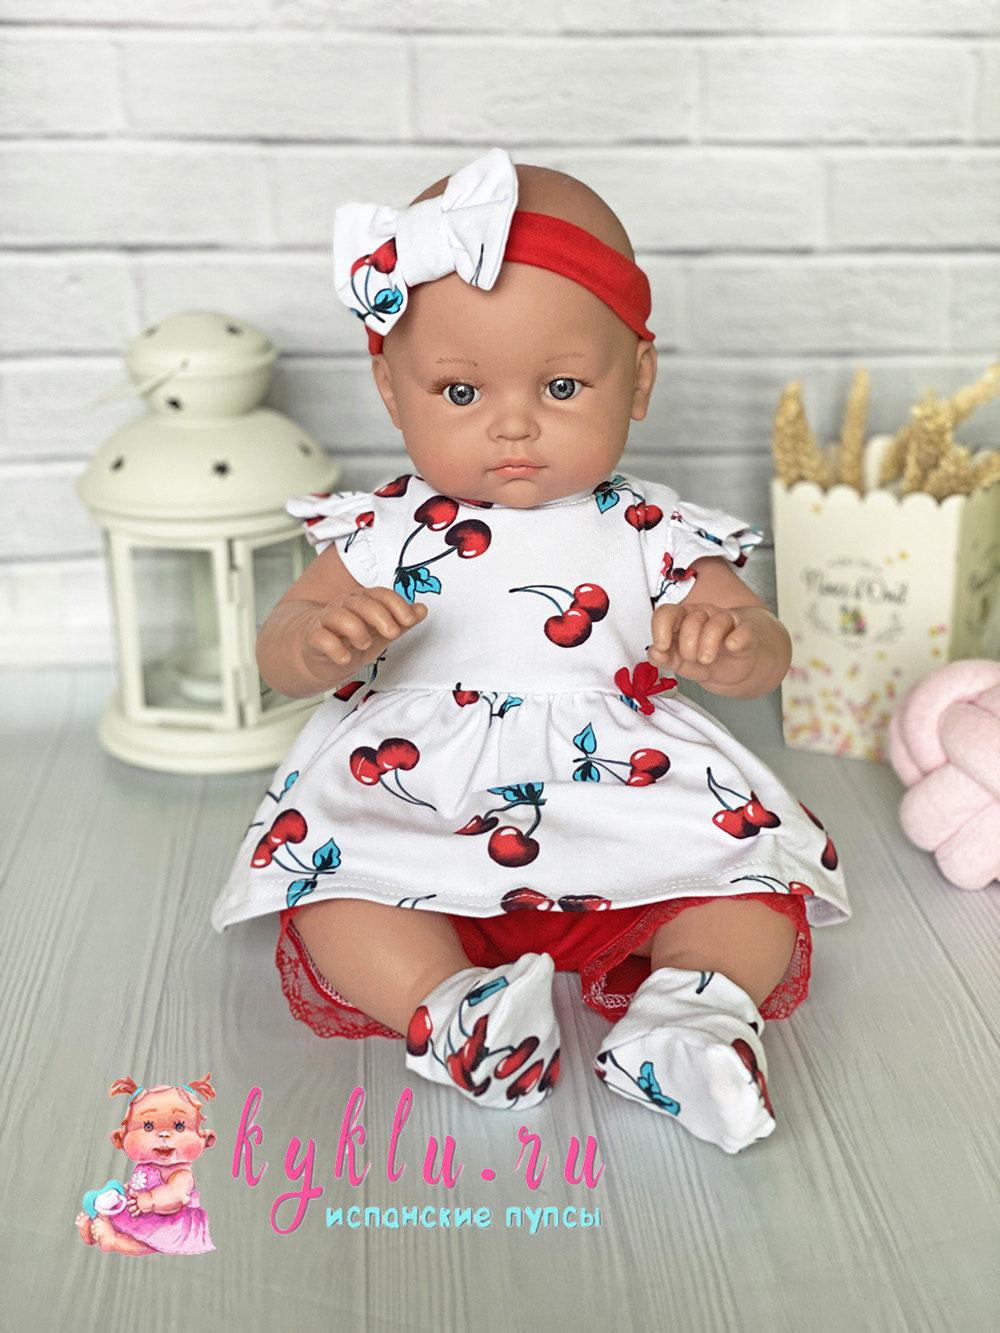 Комплект одежды для куклы 40-45 см